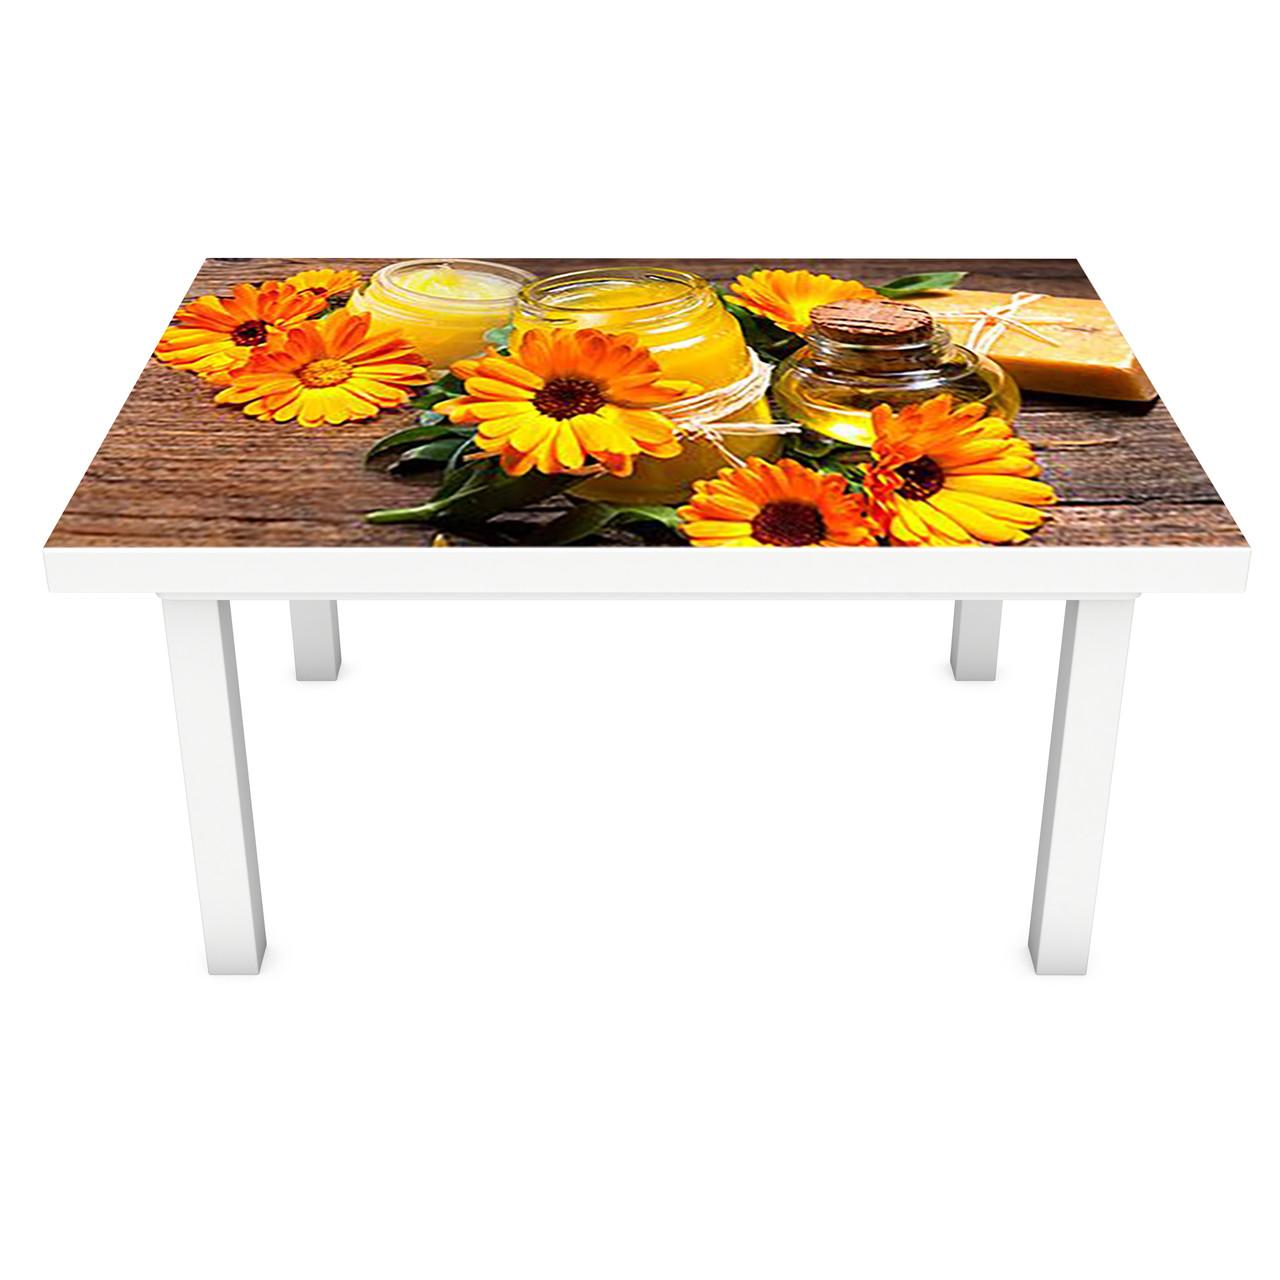 Наклейка на стіл Календула ПВХ інтер'єрна плівка для меблів помаранчеві квіти на дерев'яному тлі 600*1200 мм